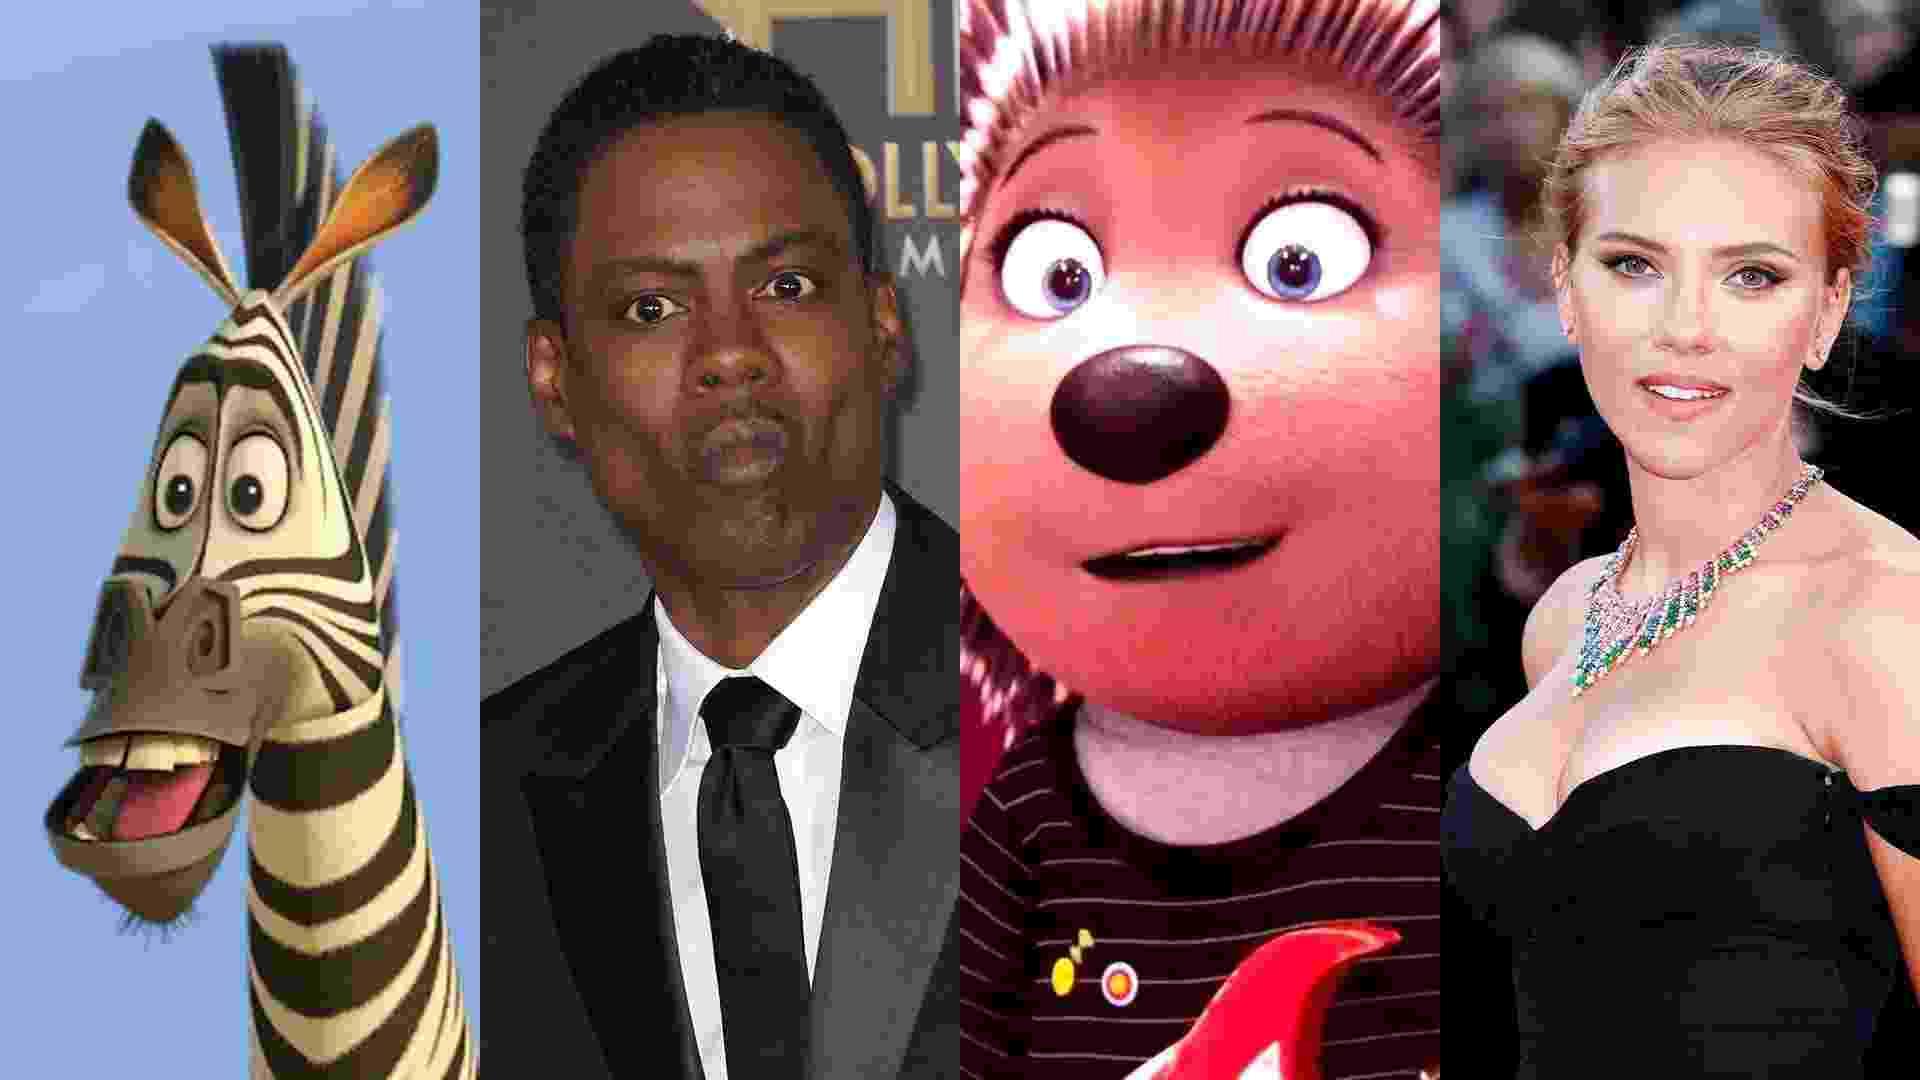 """Cena do filme """"Madagascar 2: A Grande Escapada"""" (2008), de Eric Darnell e Tom McGrath/shutterstock.com e Cena do filme """"Sing - Quem Canta Seus Males Espanta"""" (2016), de Christophe Lourdelet  Garth Jennings/shutterstock.com - Montagem/Reprodução"""